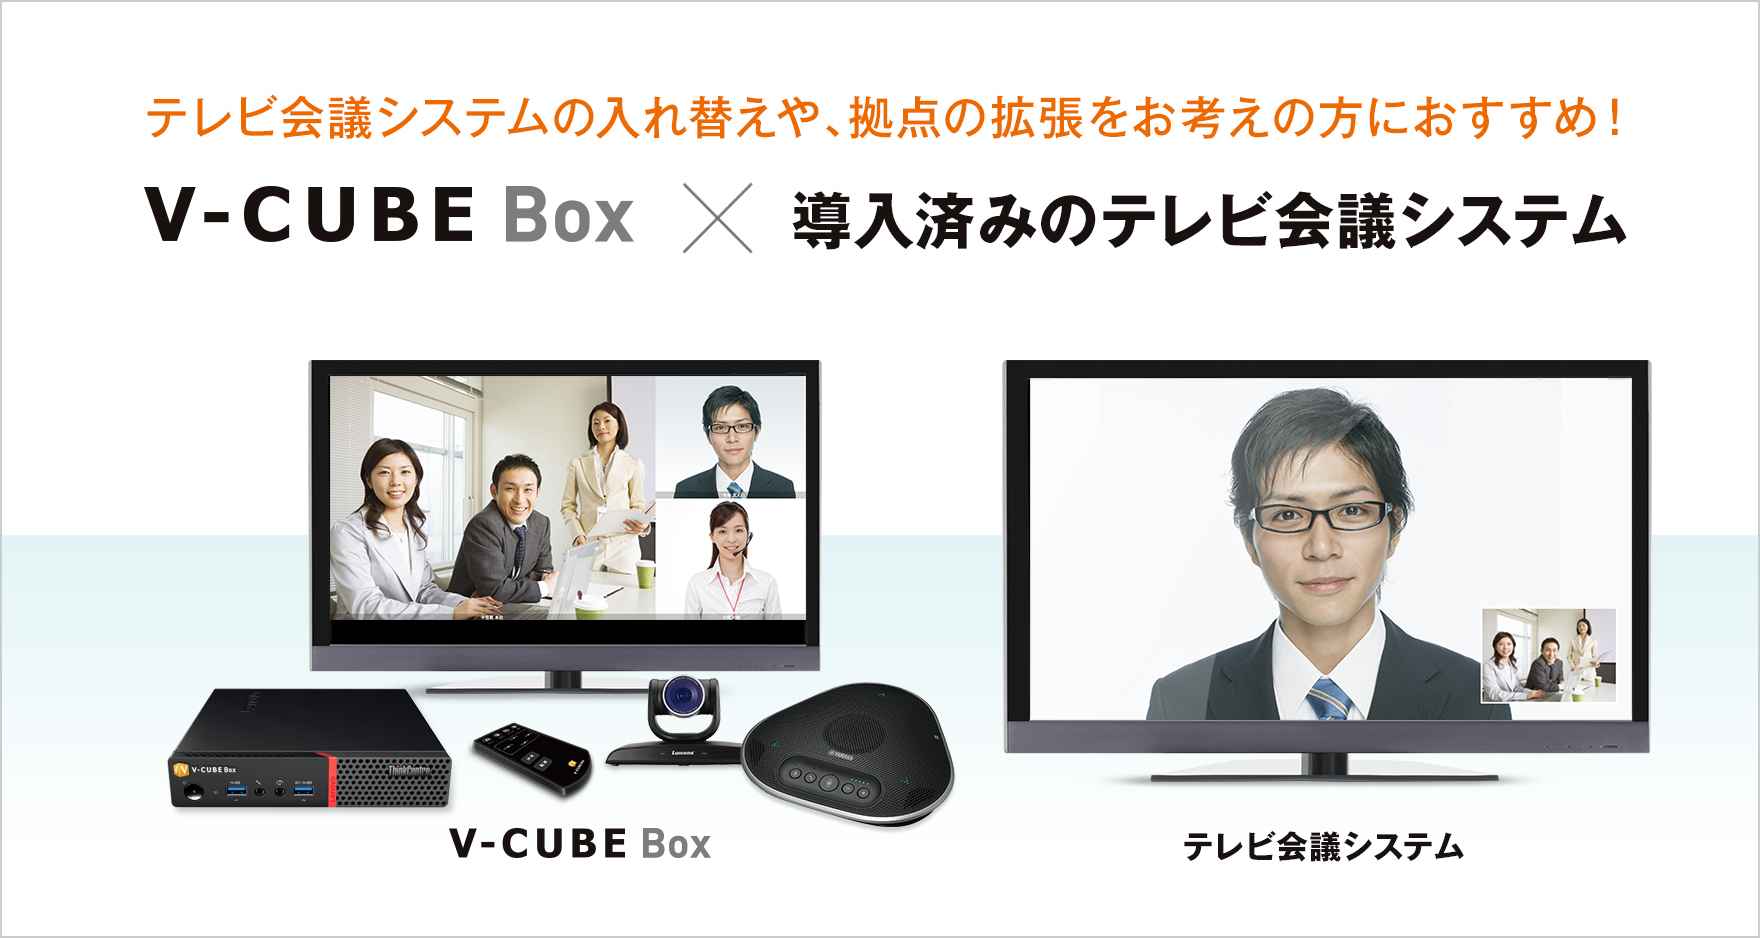 V-CUBE Box×テレビ会議の連携